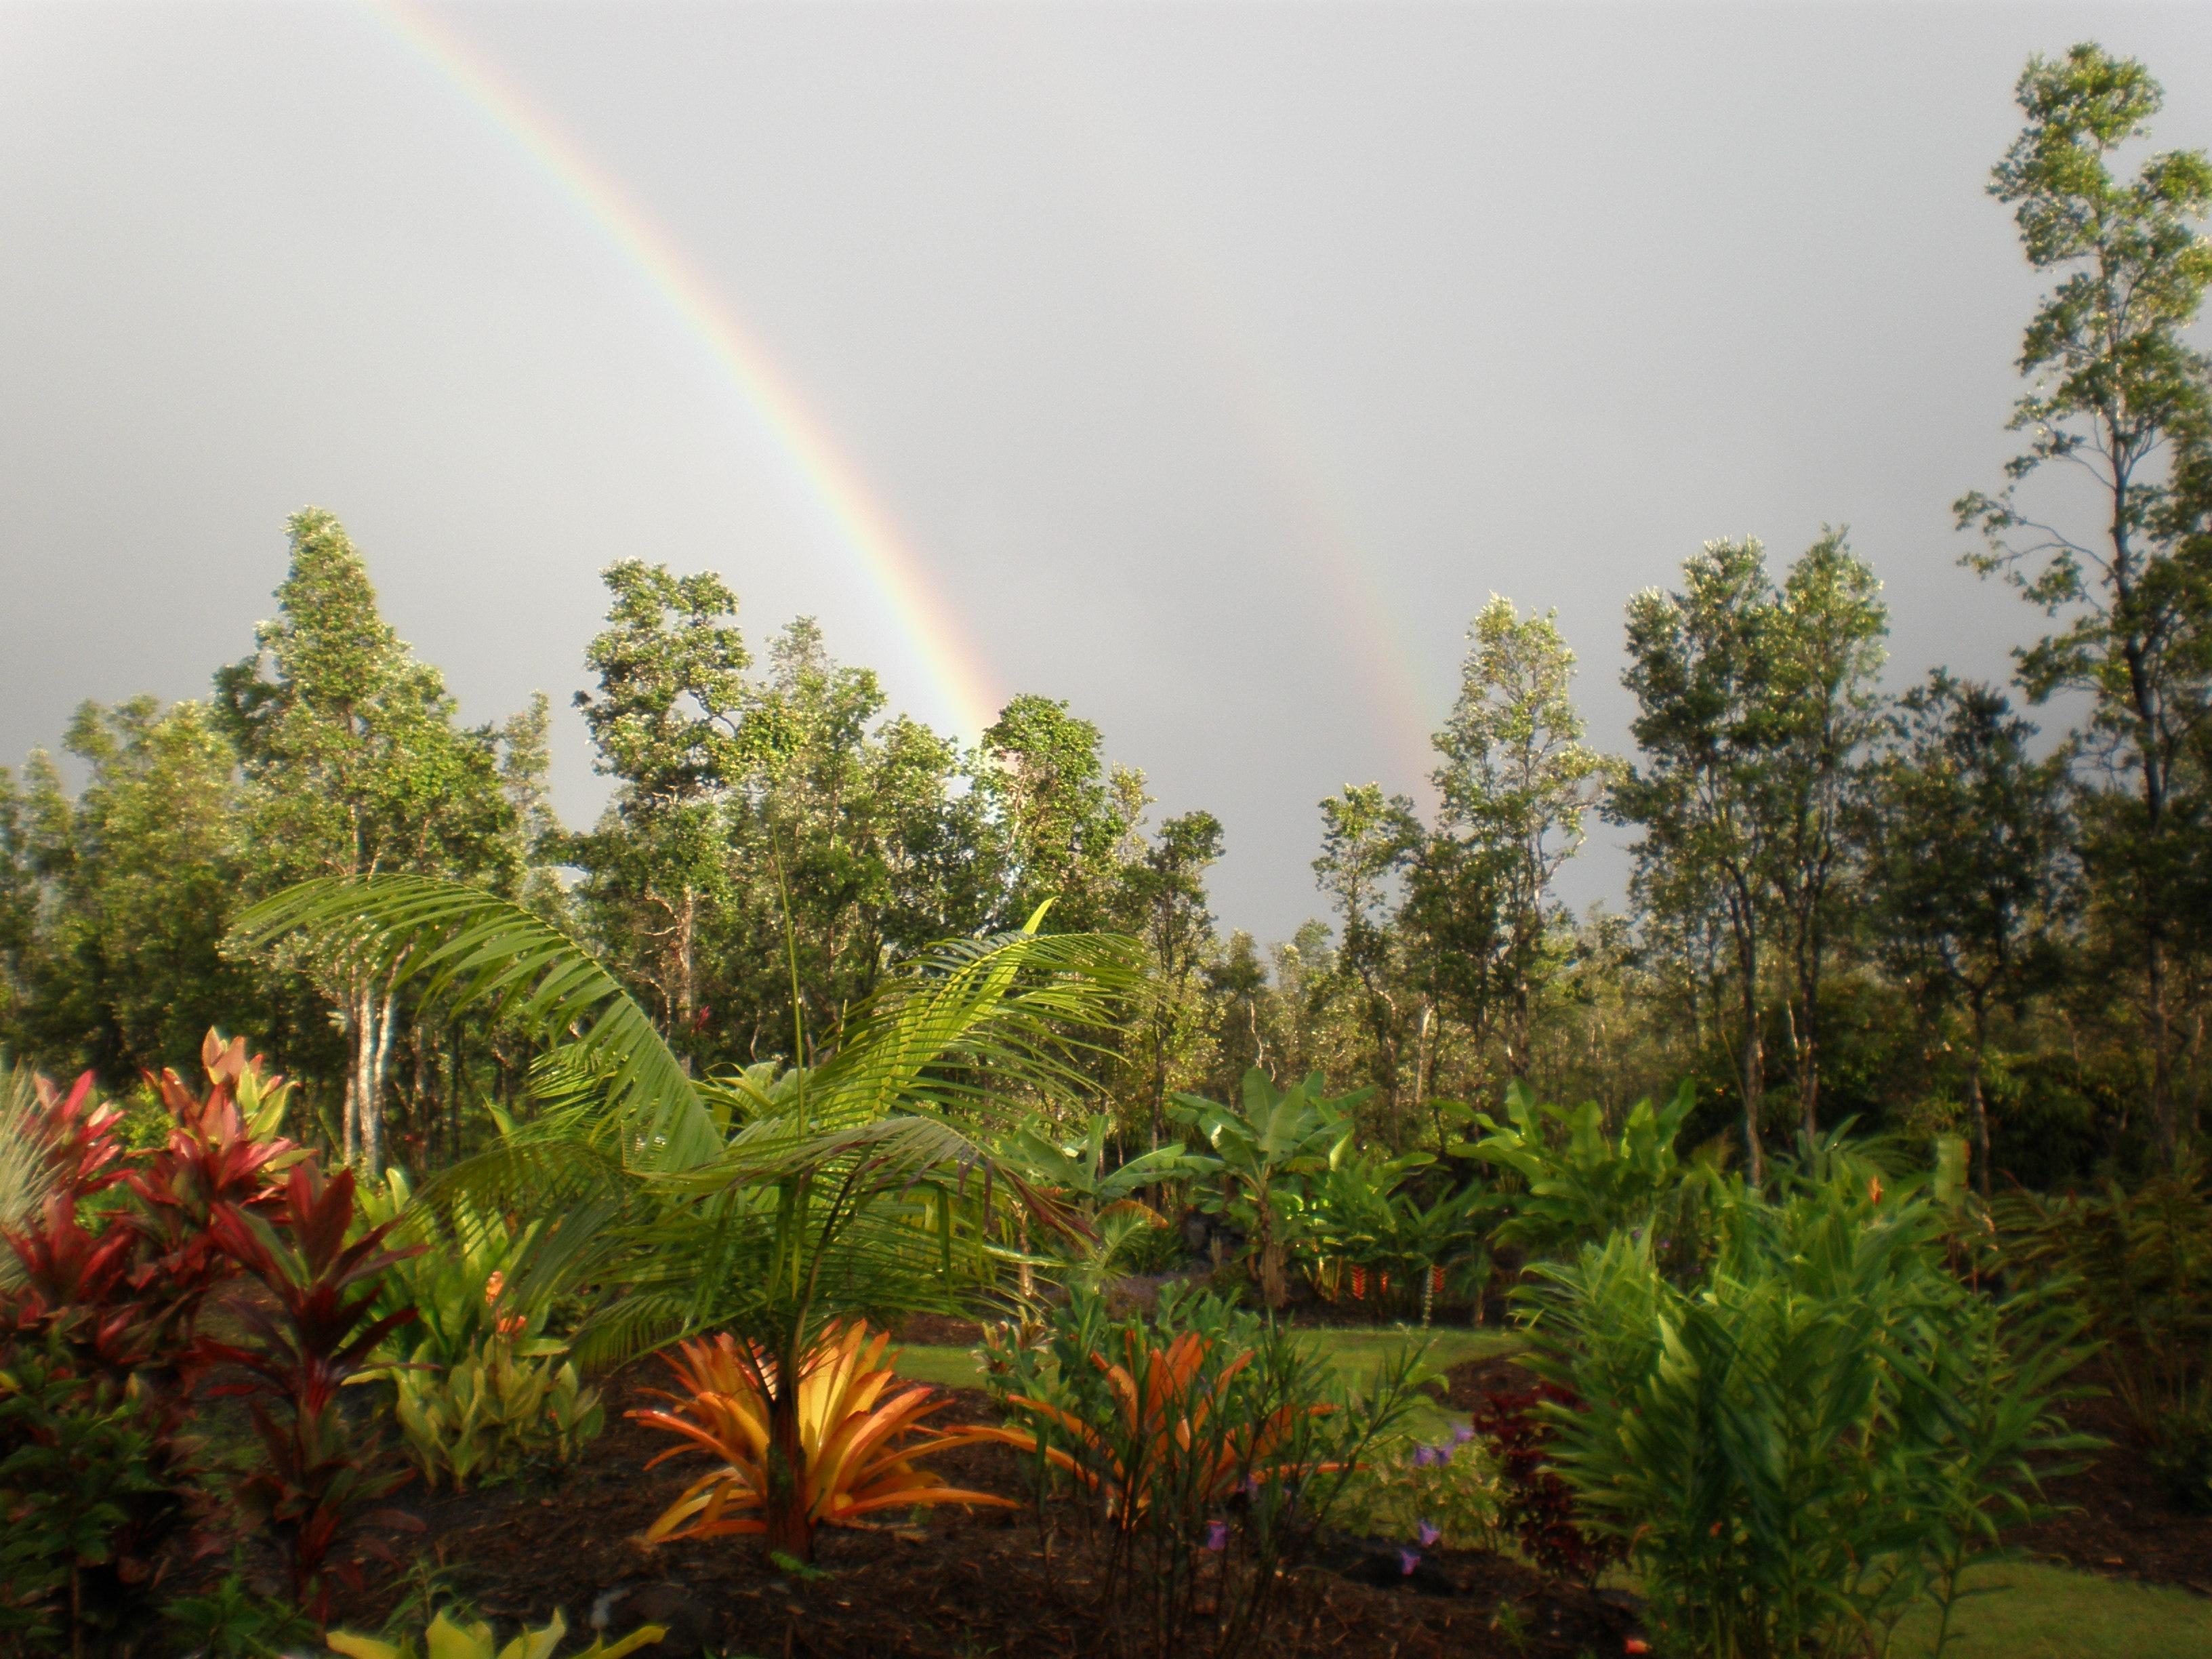 A Double Rainbow